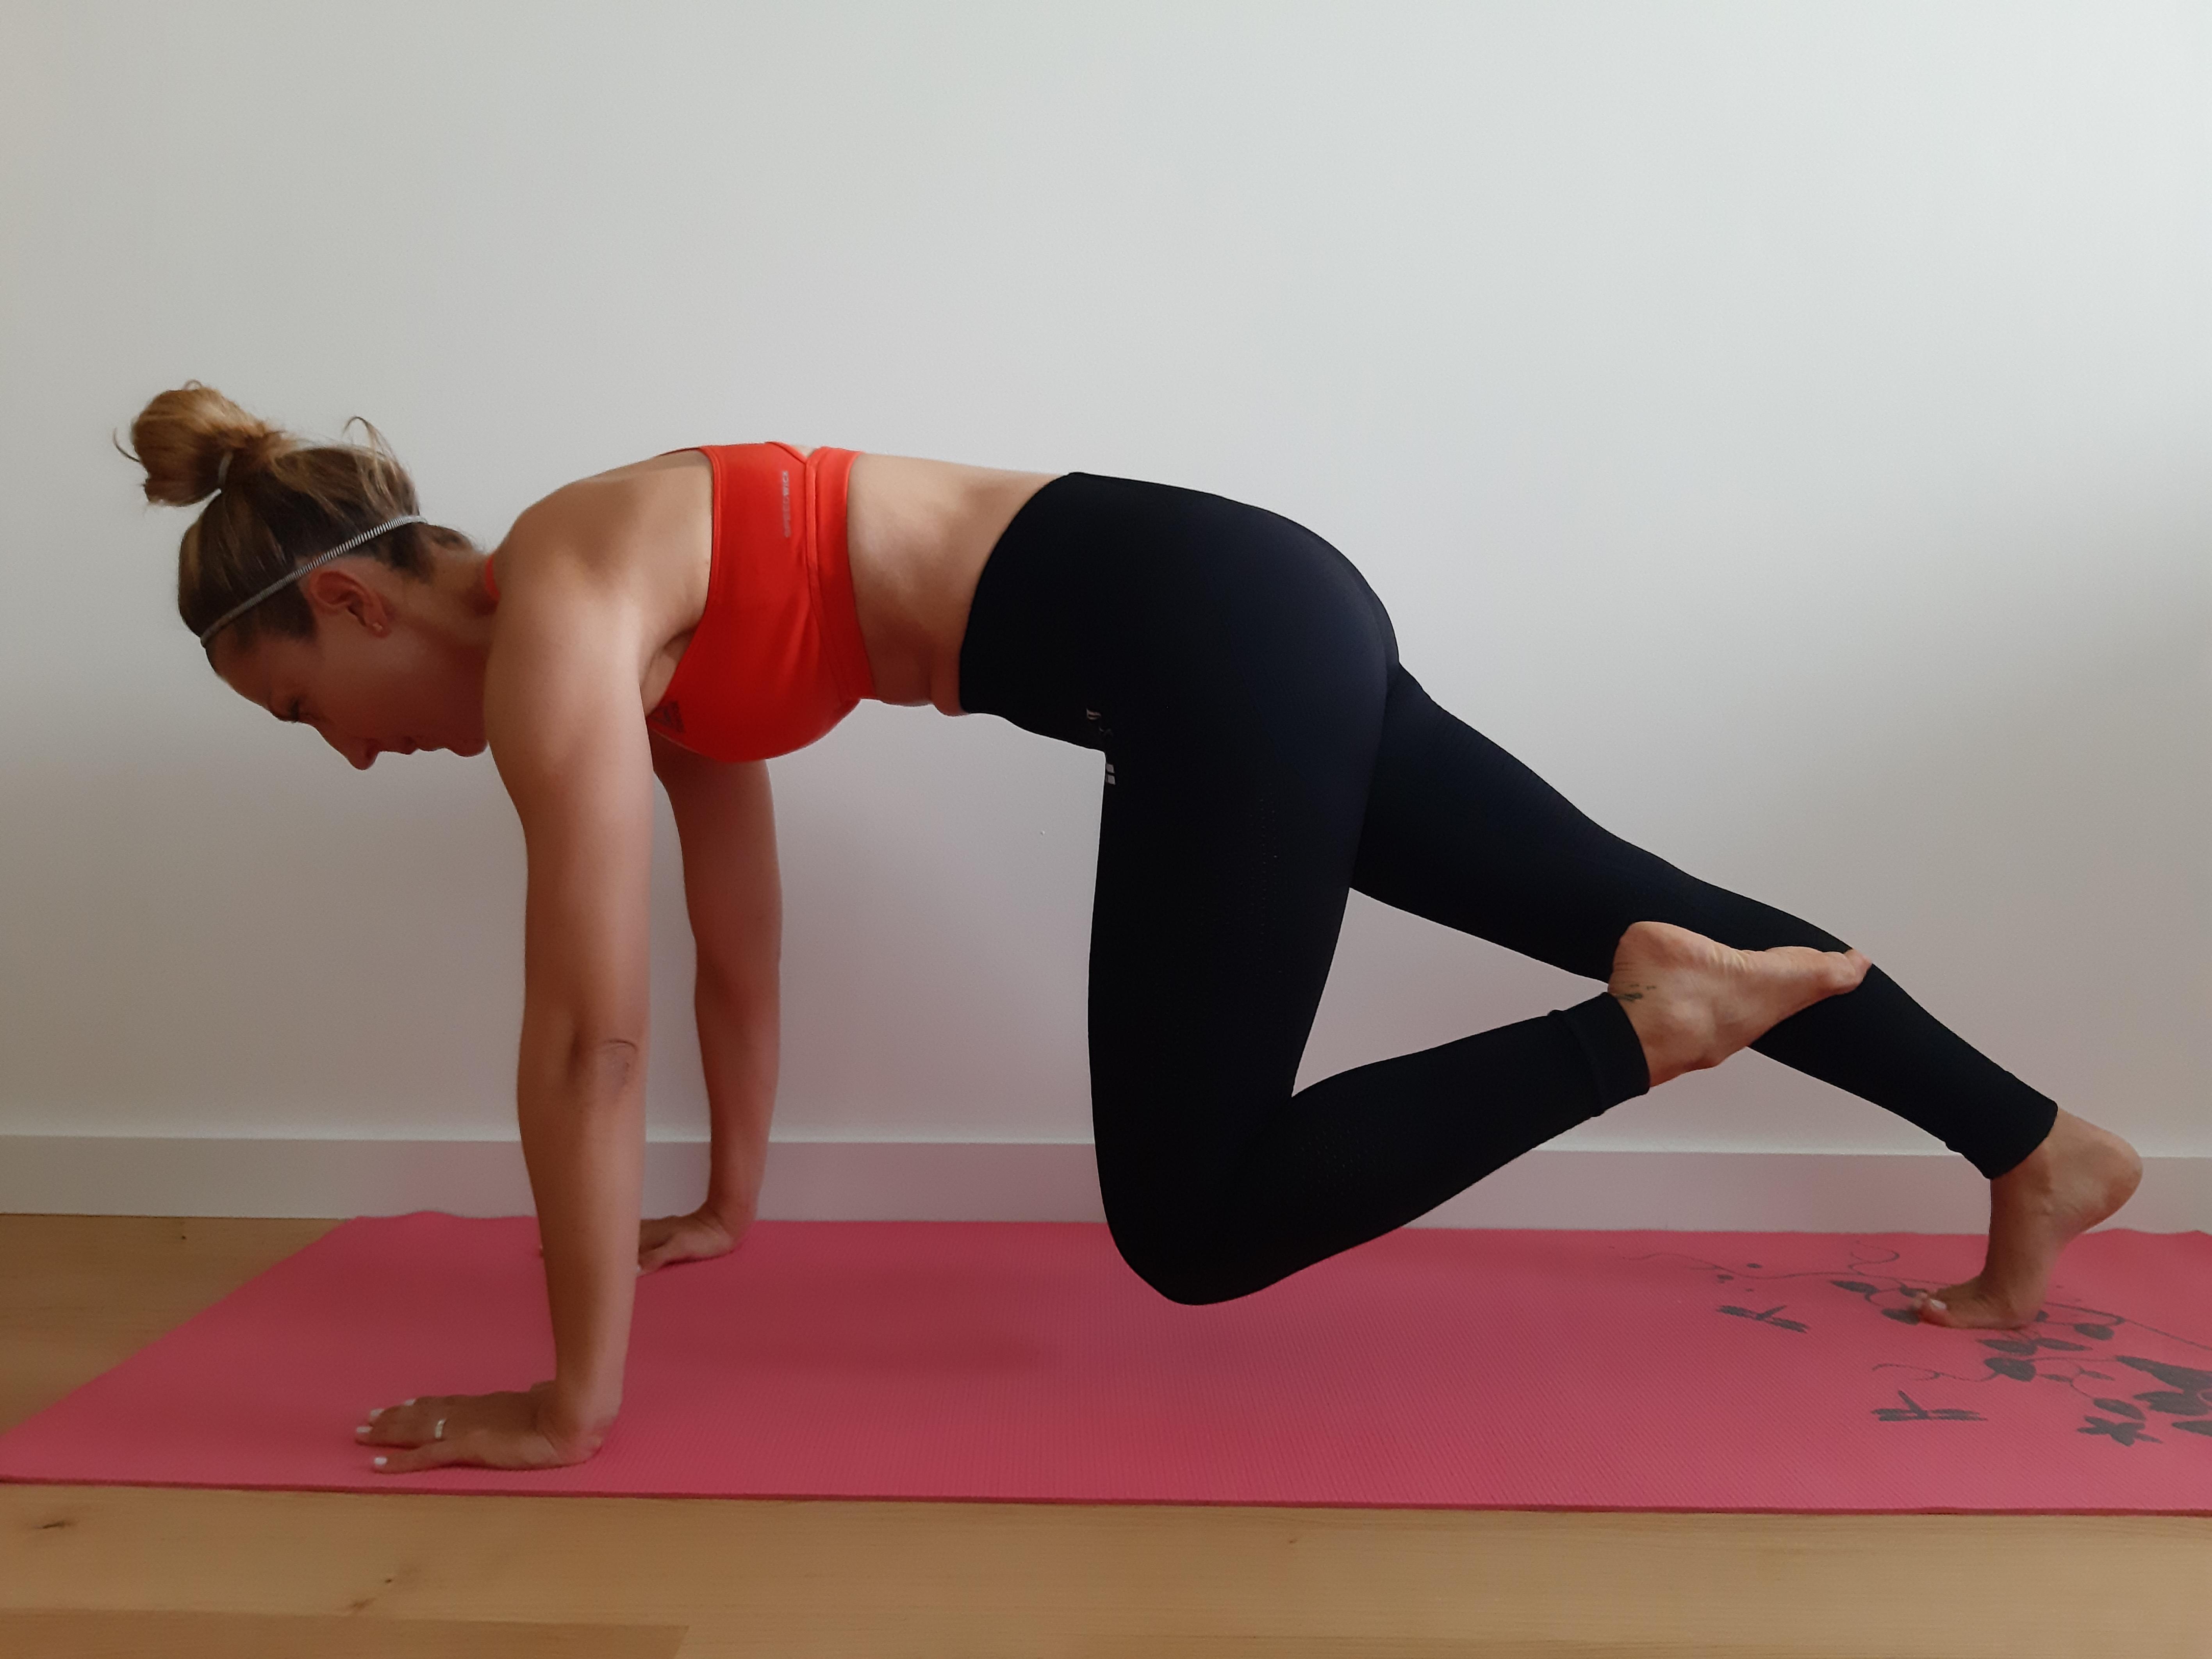 ćwiczenie mięśni brzucha - mountain climber